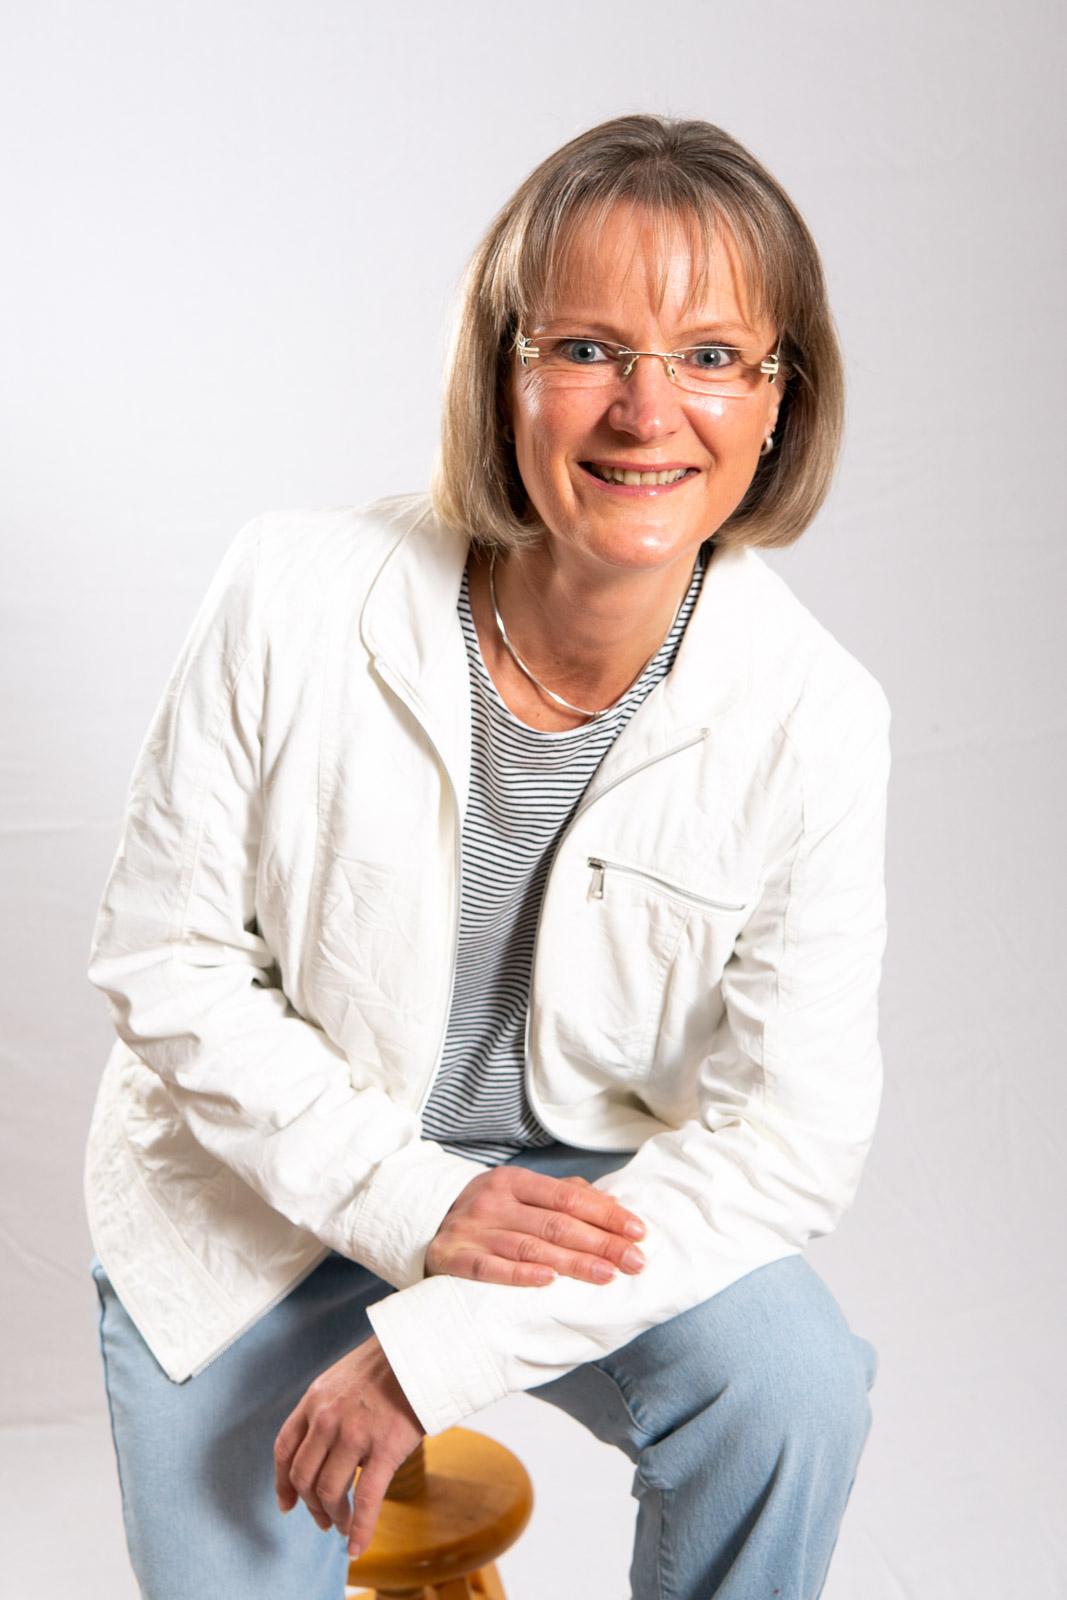 Frau mit Brille und weißer Jacke sitzt vor weißem Hintergrund